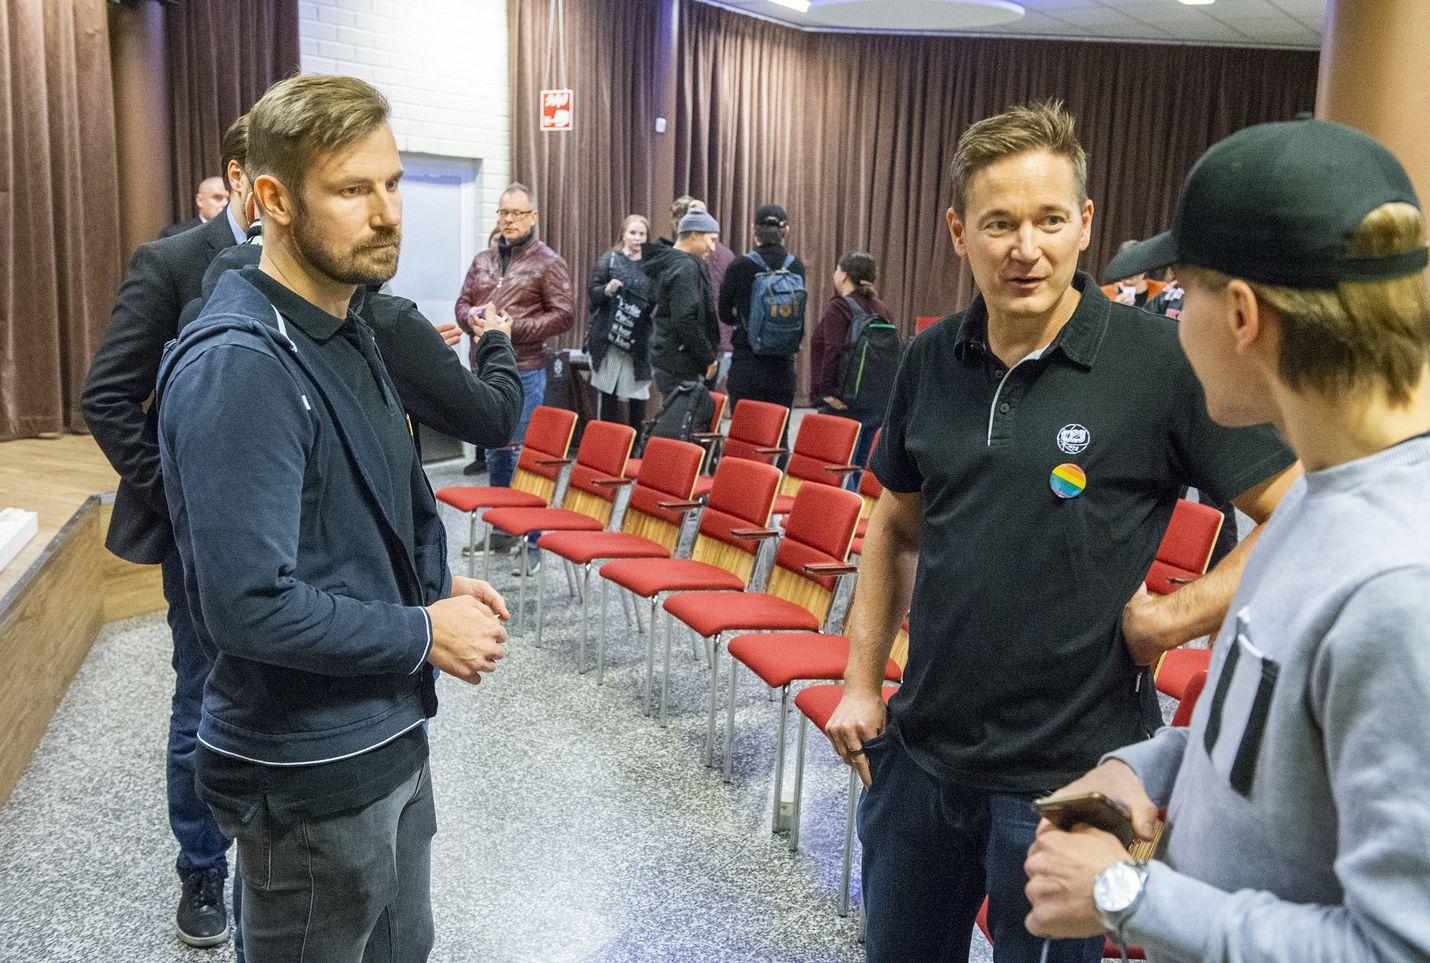 Supercellin Mikko Kodisoja (vas.) ja Ilkka Paananen ovat tuttuja nimiä Suomen tulokärjessä. Myös TPS:n jääkiekkojoukkueen pääomistajiin kuuluvat Kodisoja ja Paananen tapasivat heikon alkukauden pelanneen joukkueen kannattajia lauantaina ennen TPS:n kotiottelua.